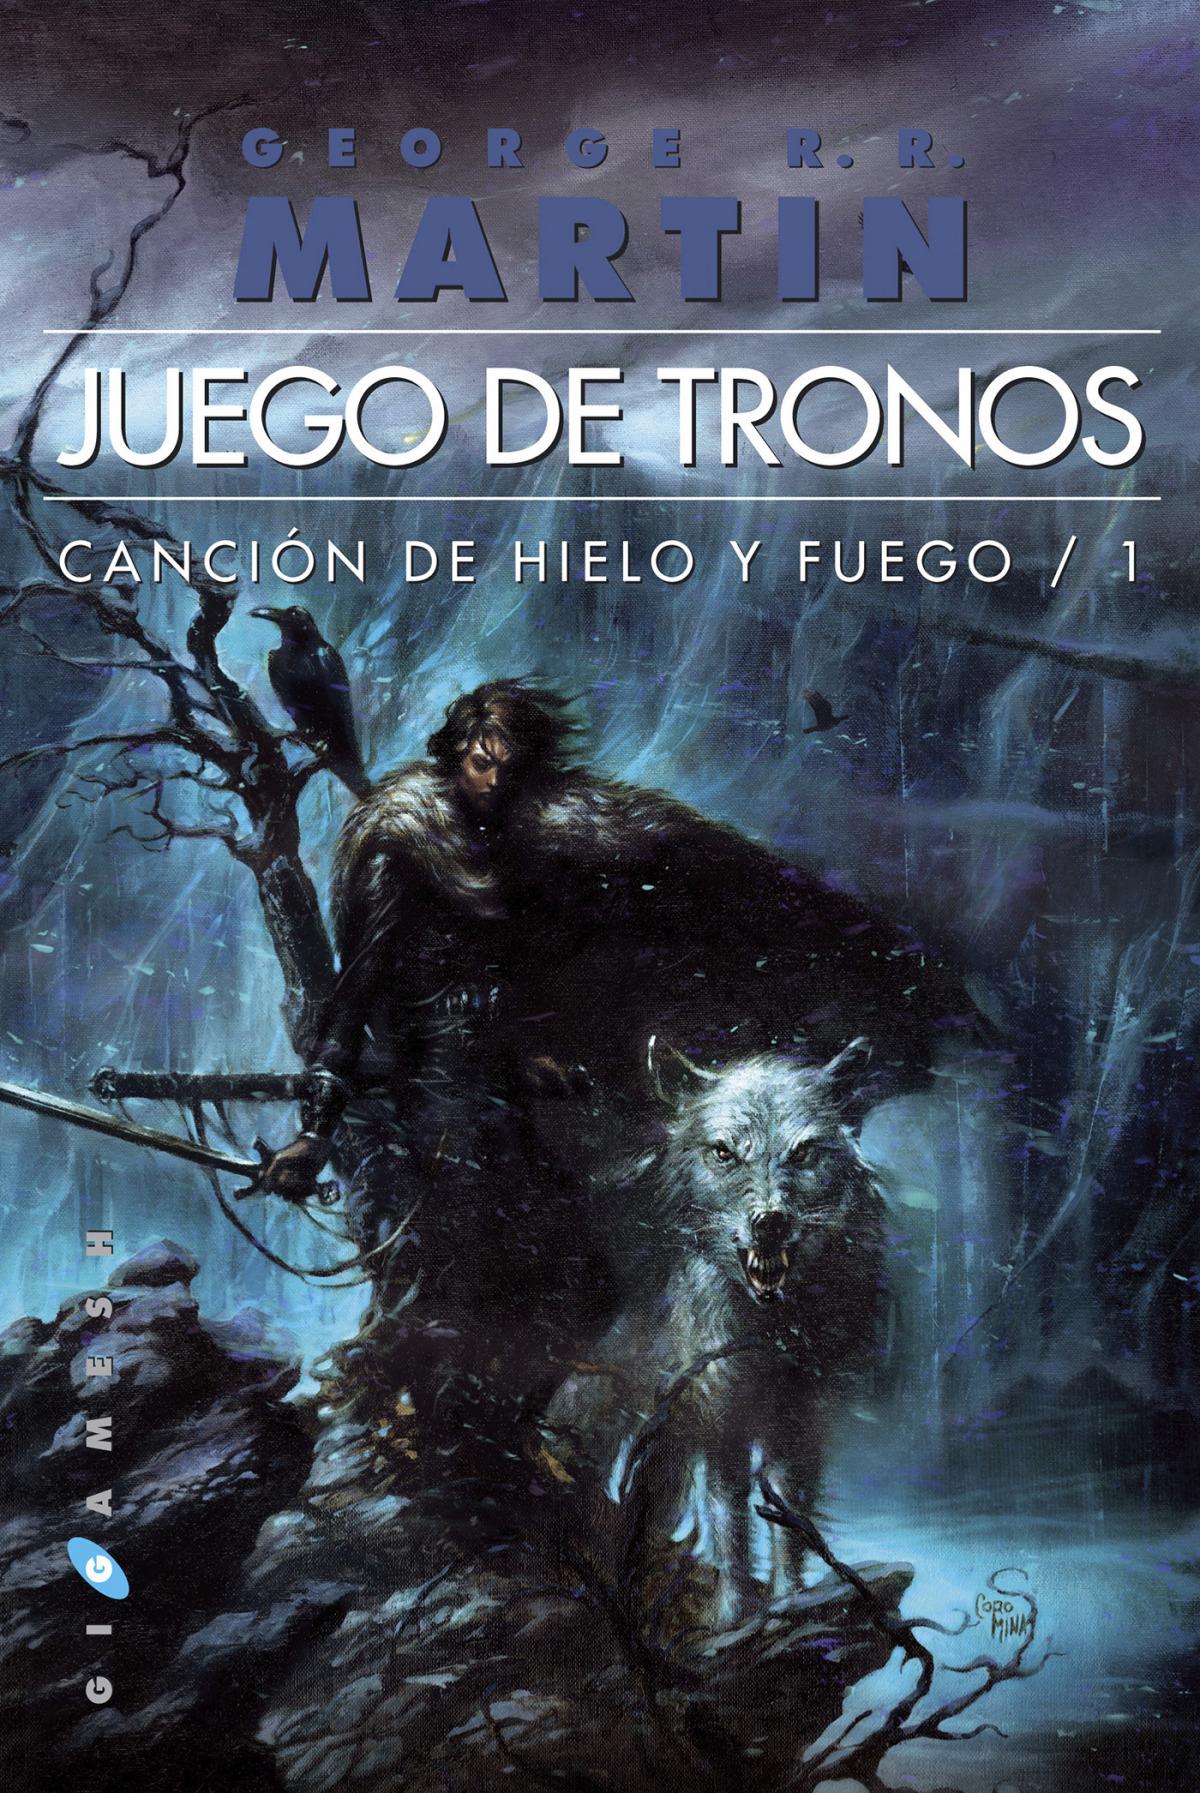 Juego De Tronos Cancion De Hielo Y Fuego / 1 - - MARTIN, GEORGE R.R. -  Imosver